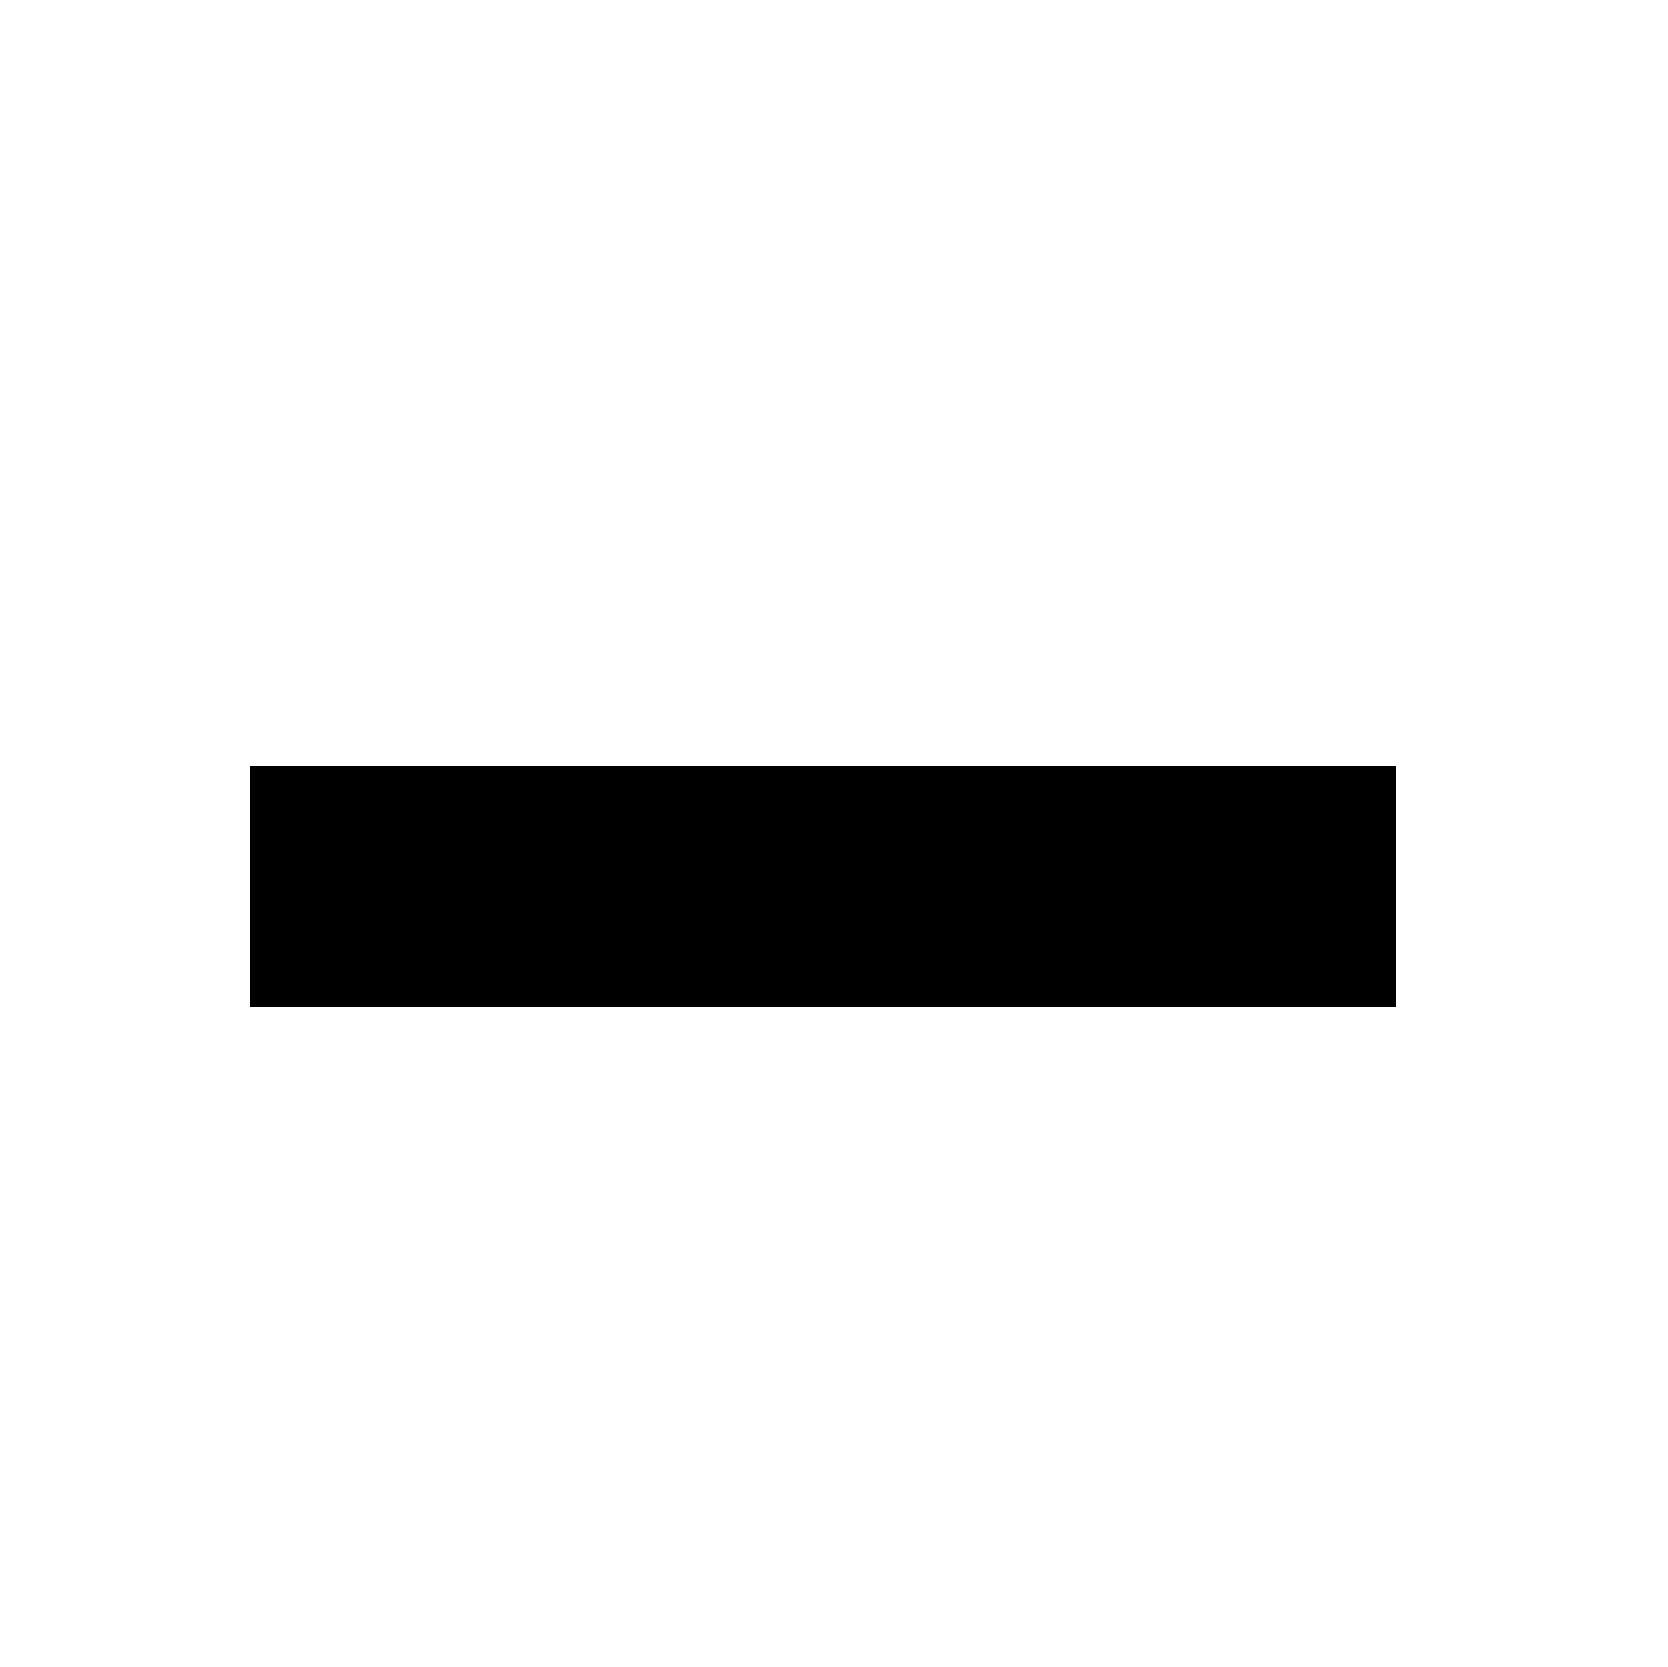 ansorg Licht Logo Agentur